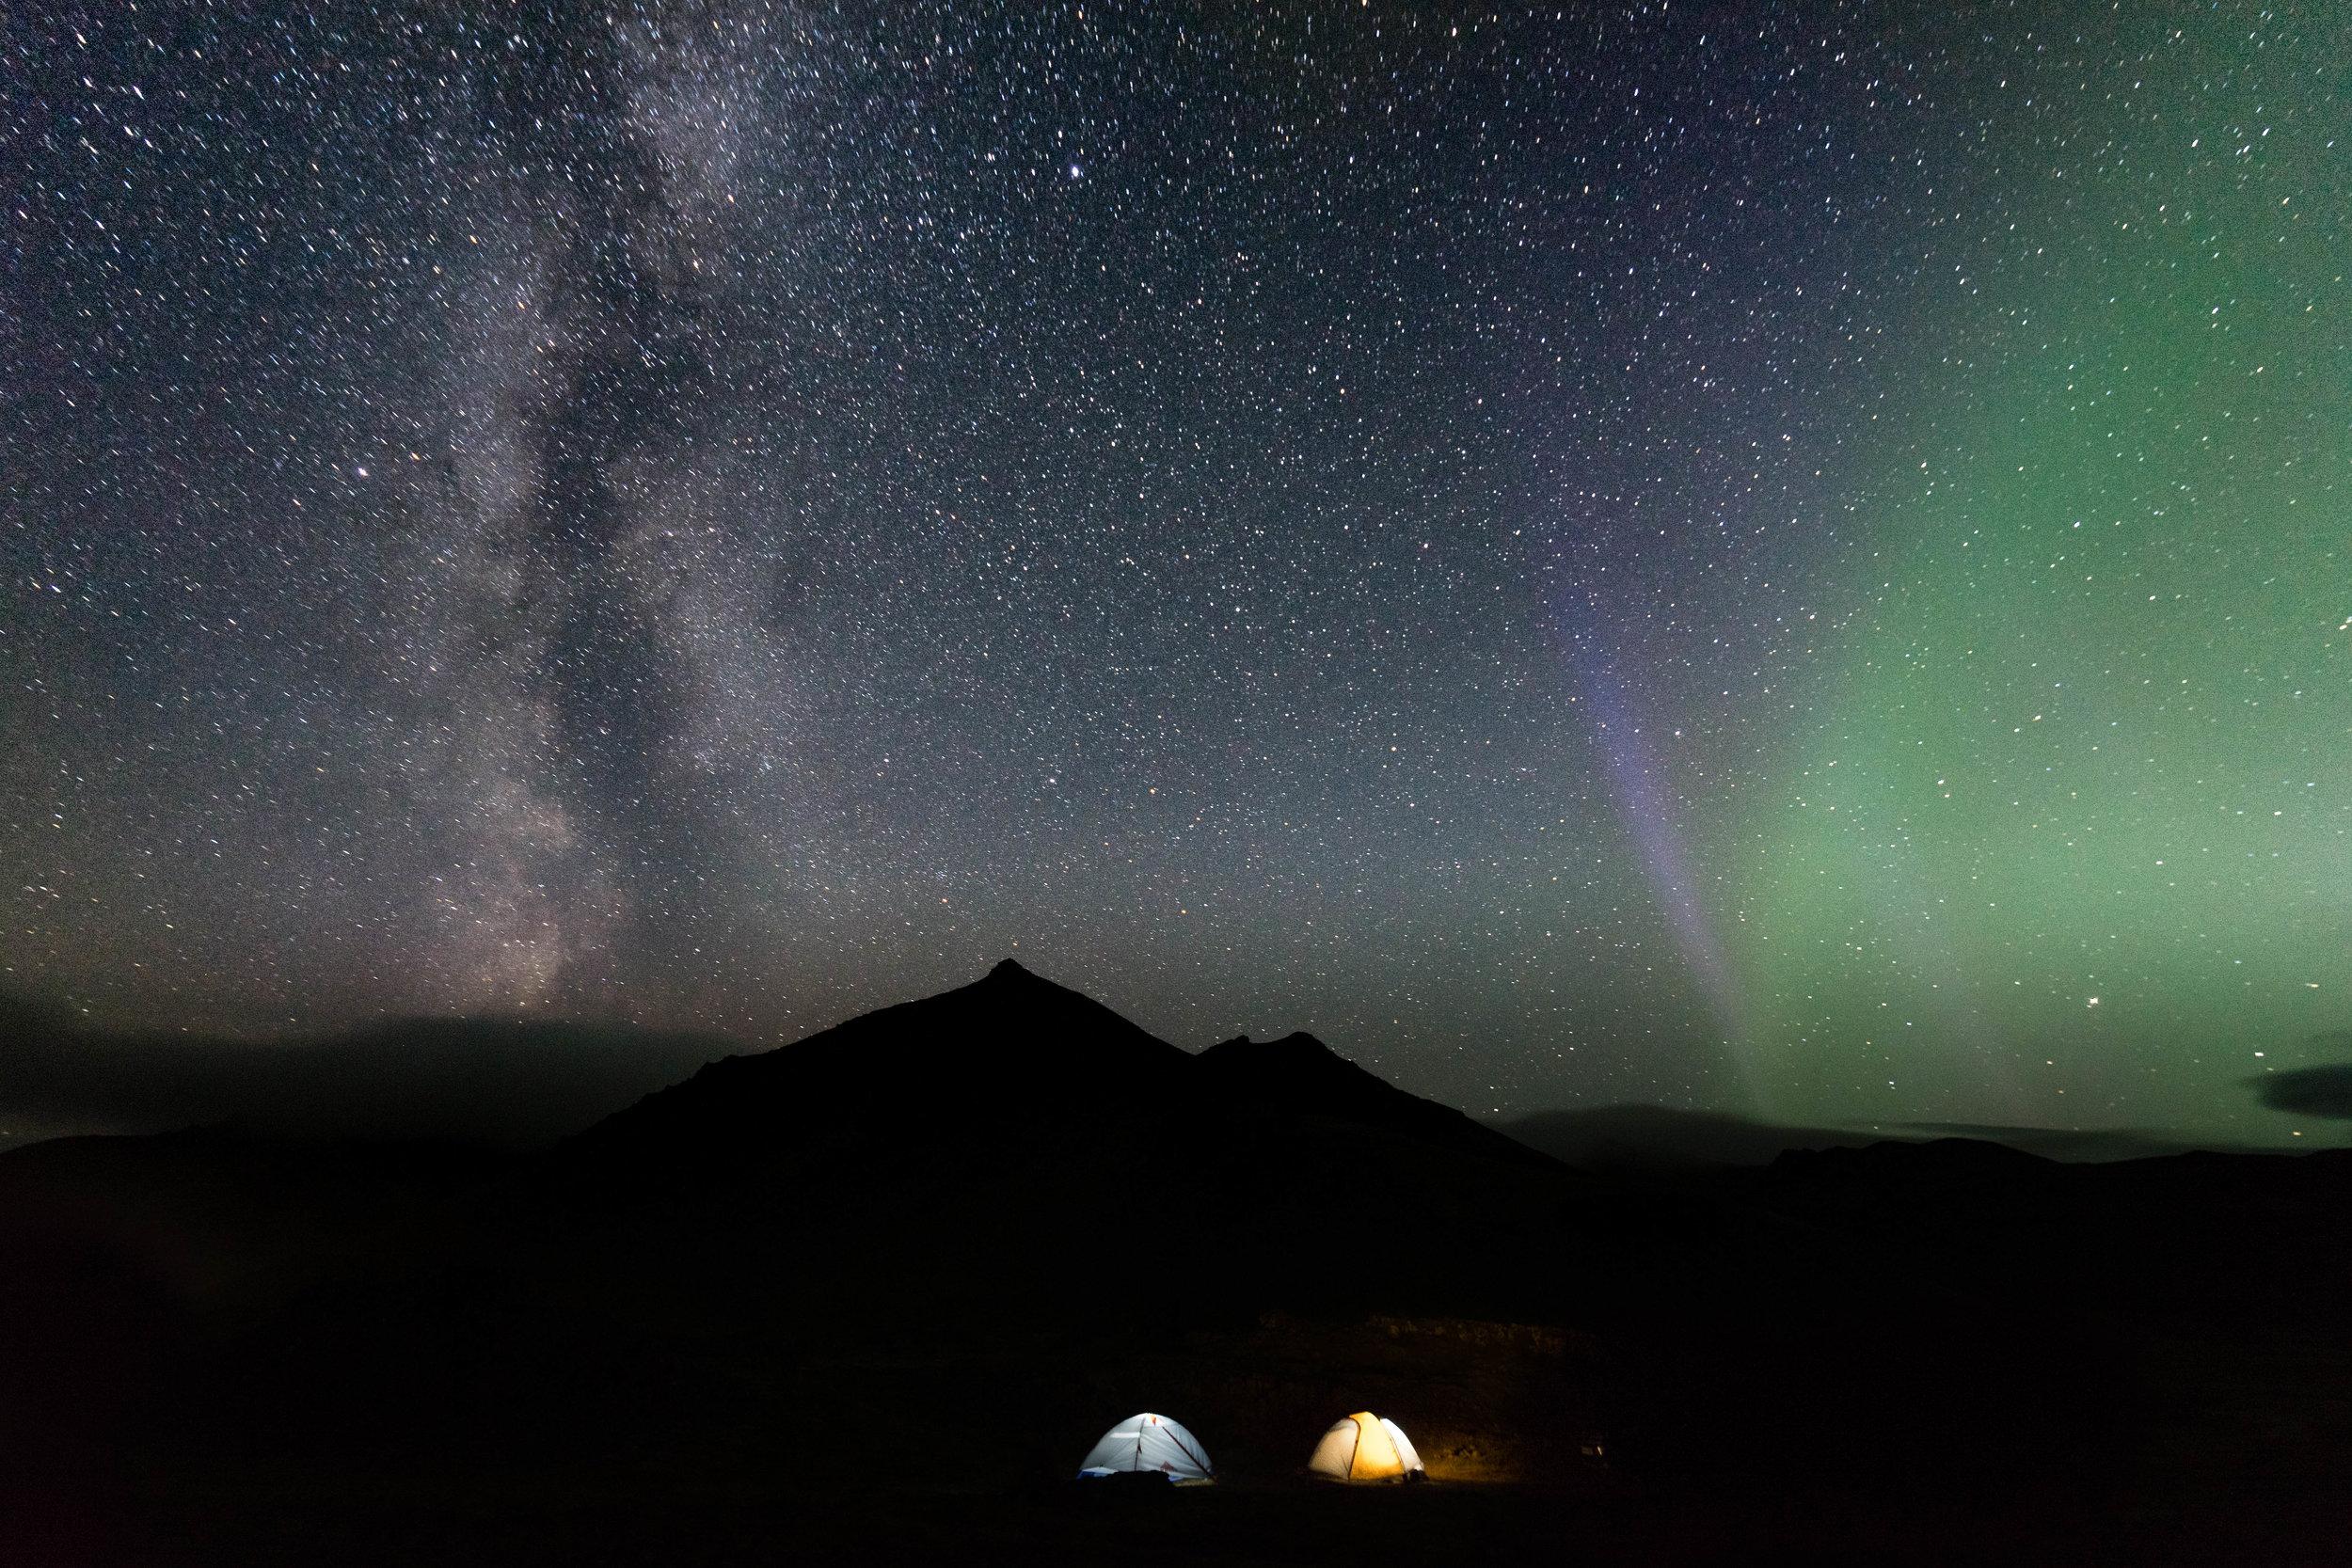 Iceland - 00595-2_ME - Chris Goetchius 2017.jpg